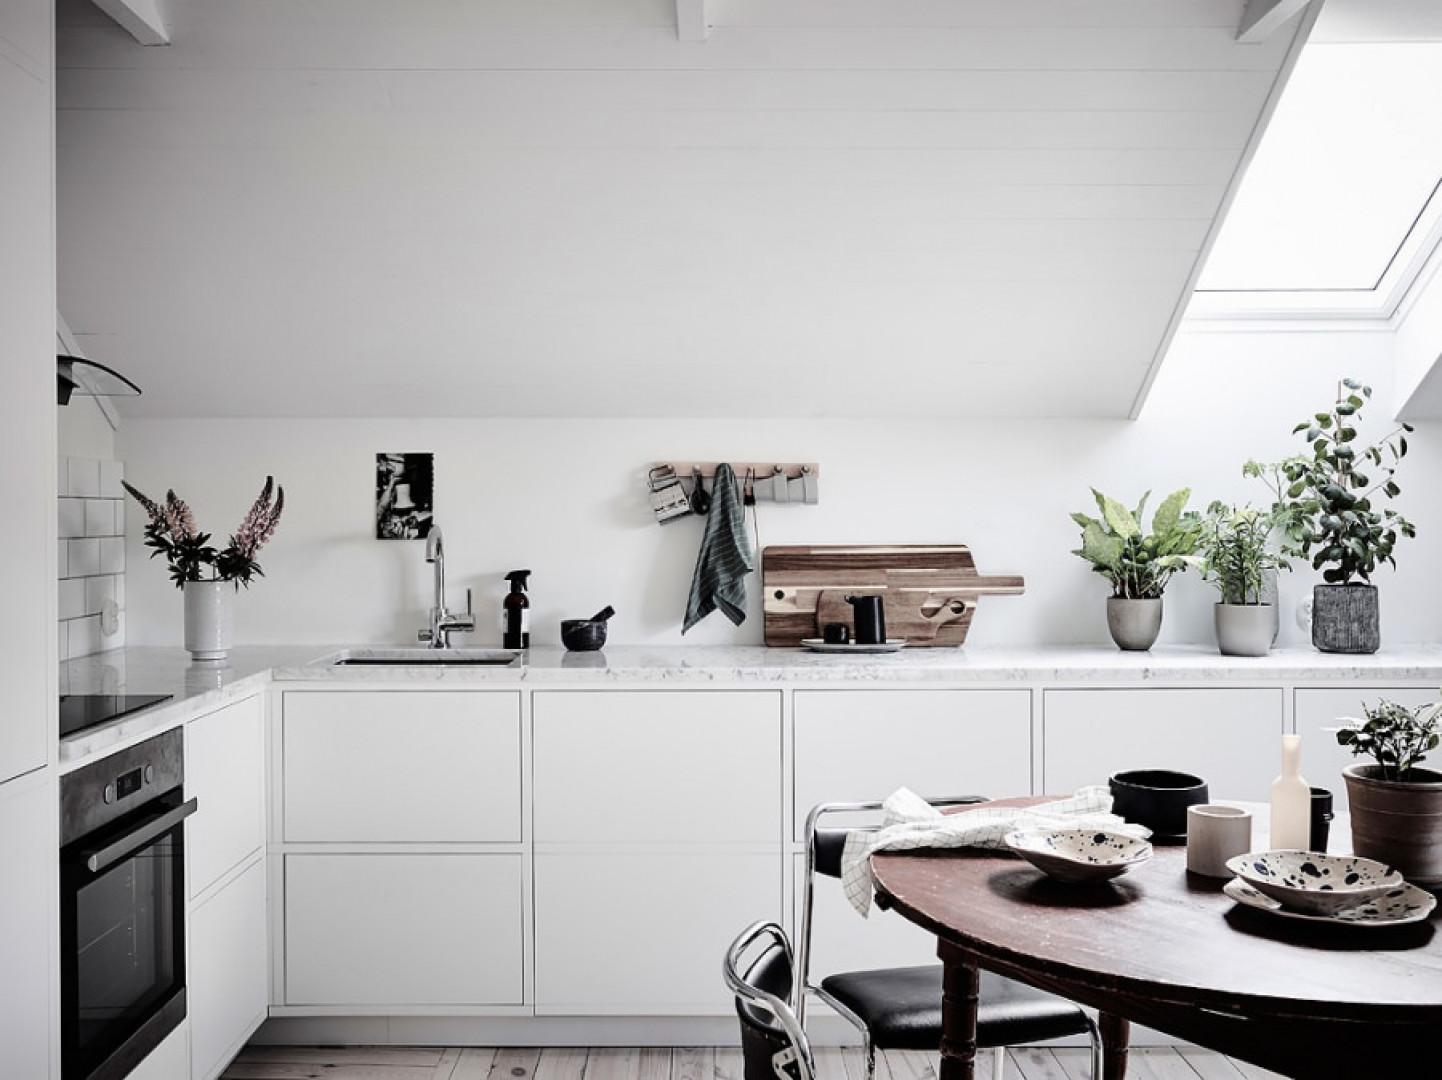 Białe szafki dodatkowo rozświetlają kuchnię na poddaszu. Fot. Materiały prasowe